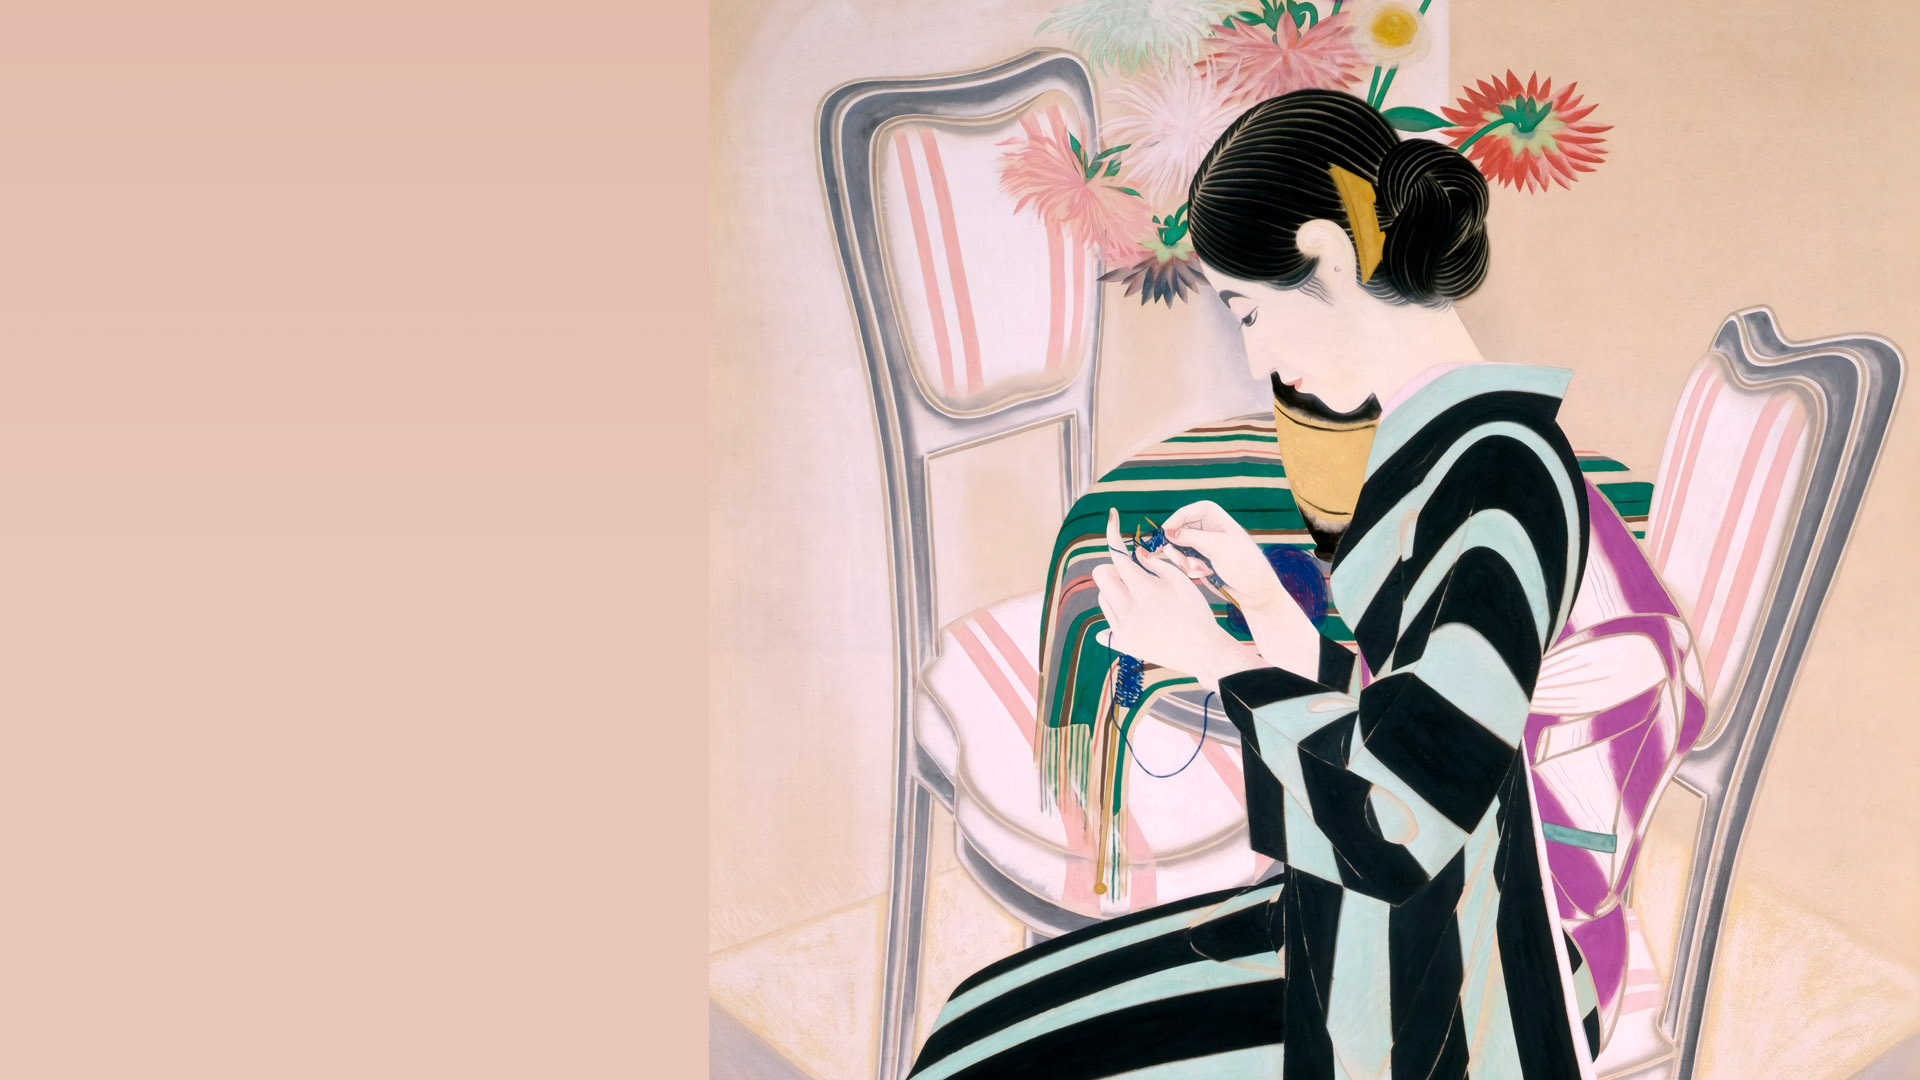 速水御舟 花ノ傍 Hayami Gyoshu - Hana no soba 1920x1080